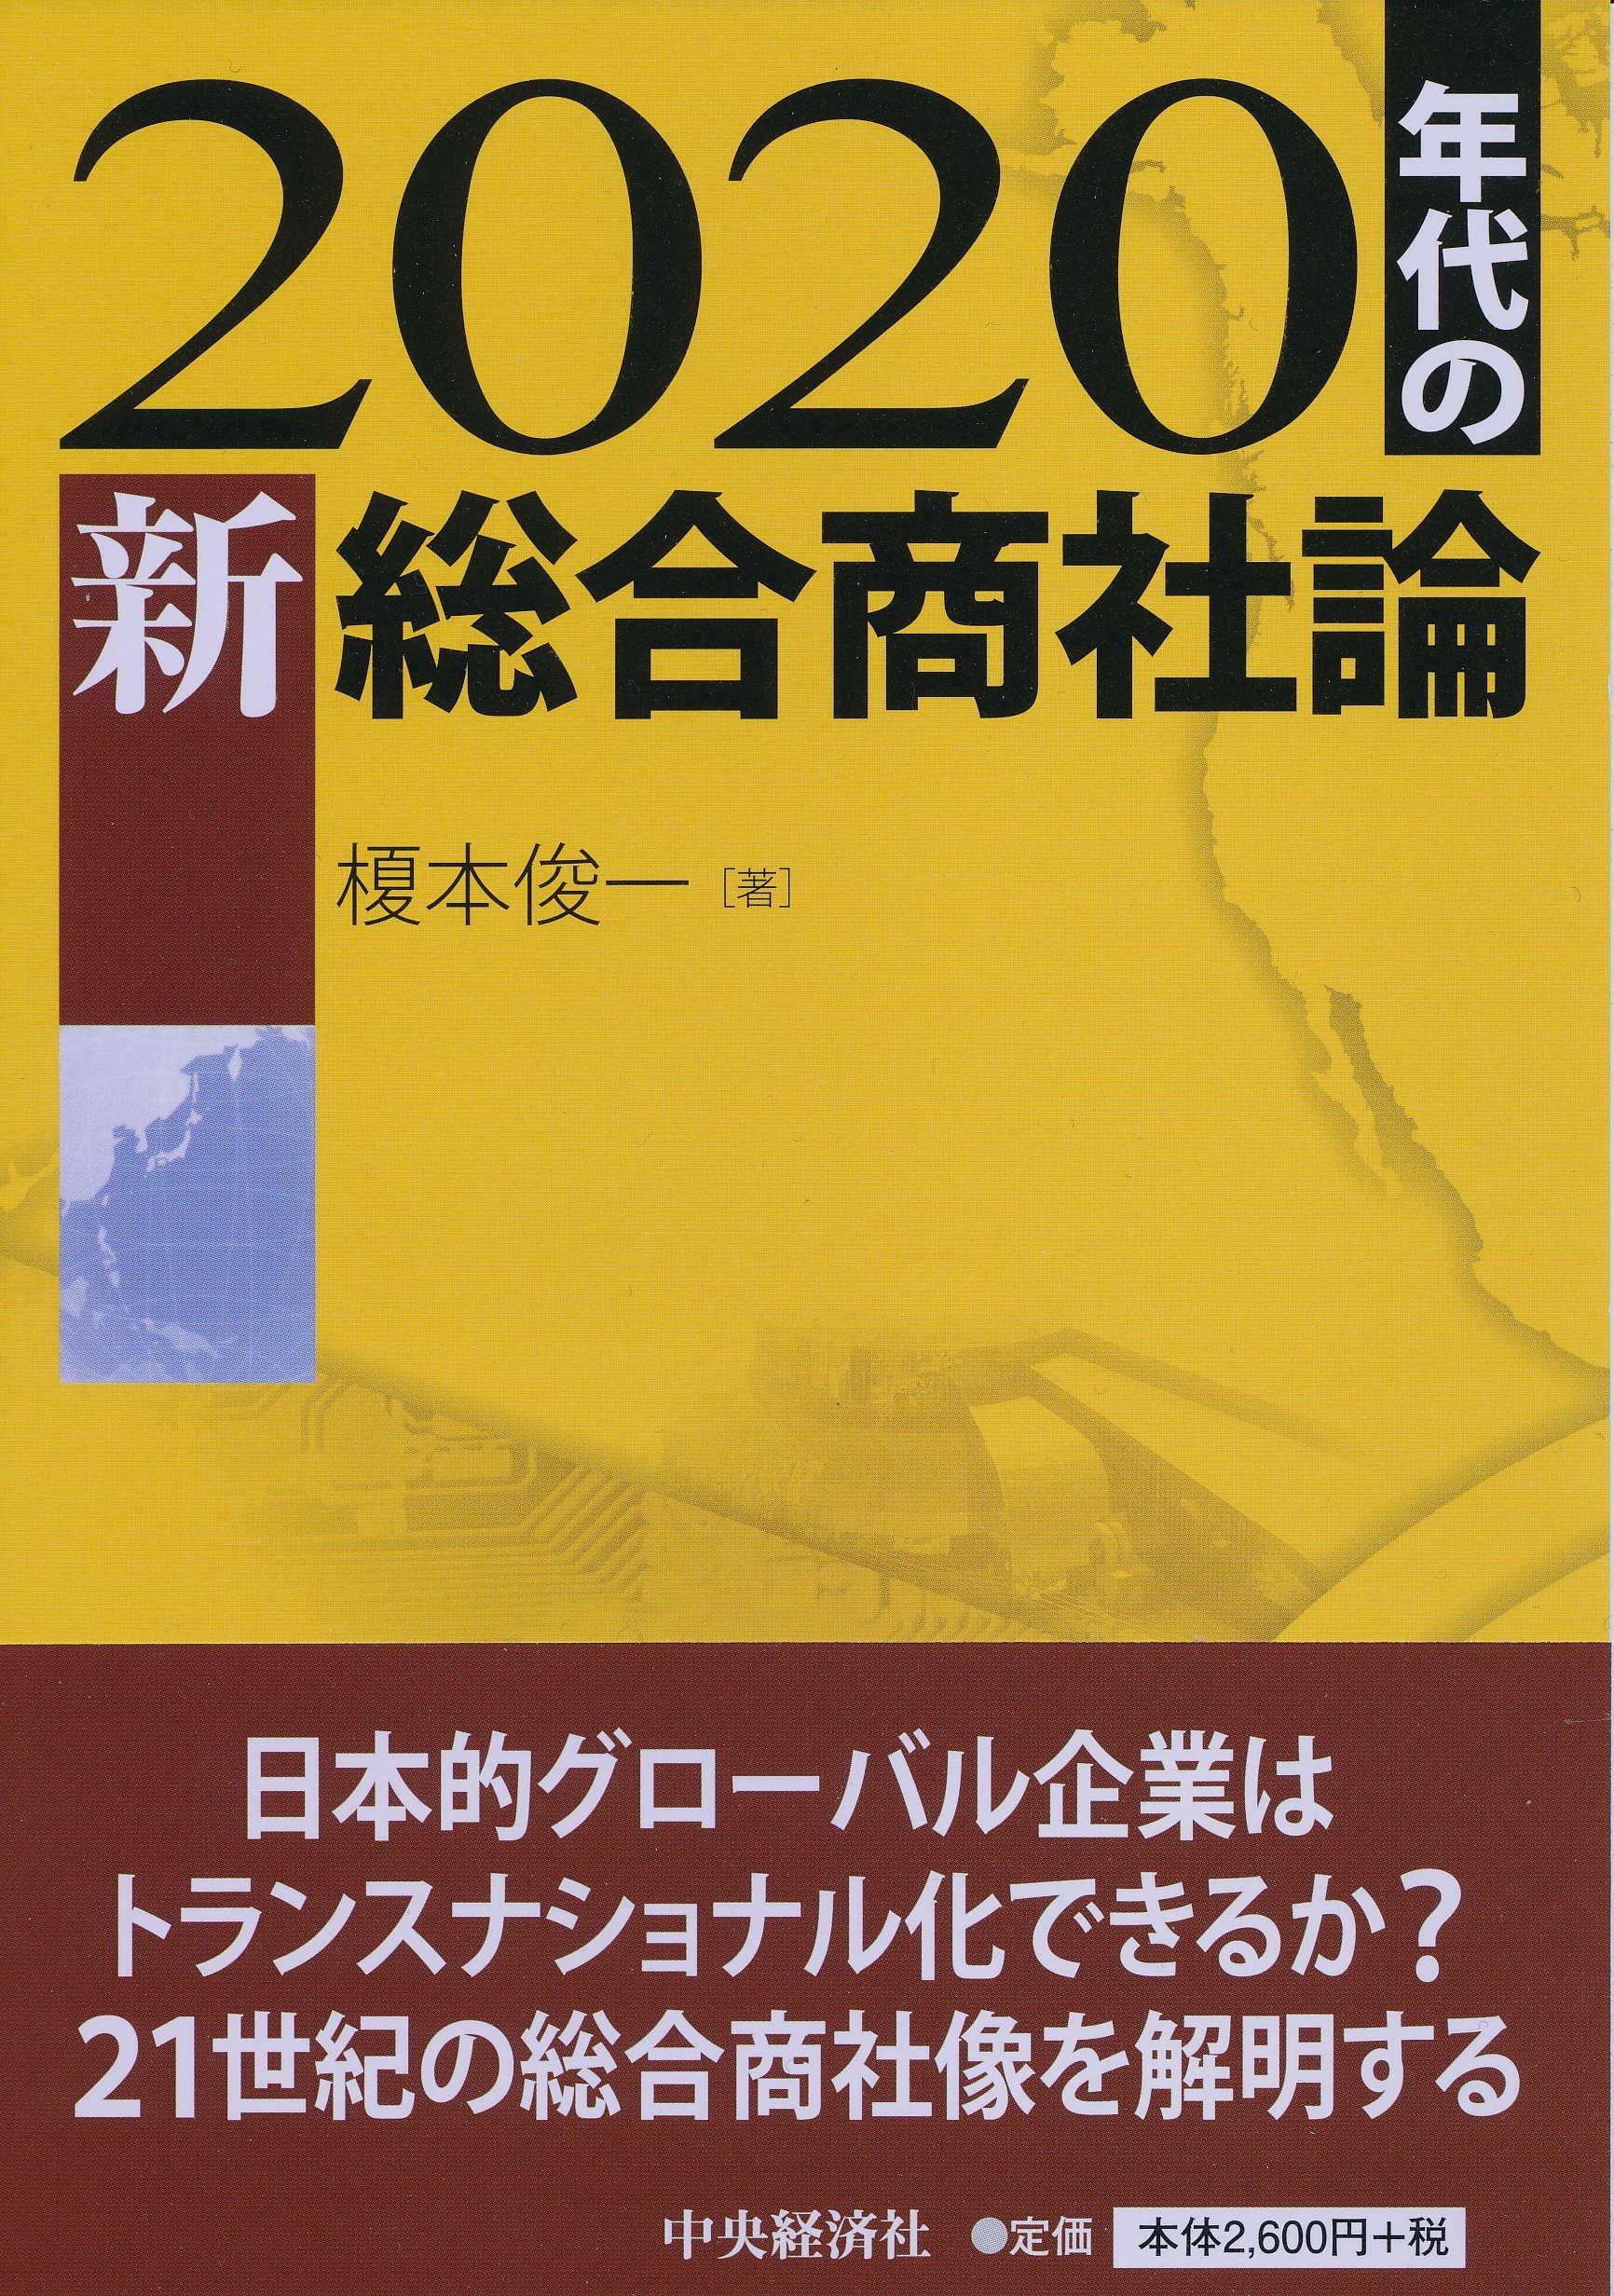 榎本俊一 (経済産業省) 著『2020年代の新総合商社論』